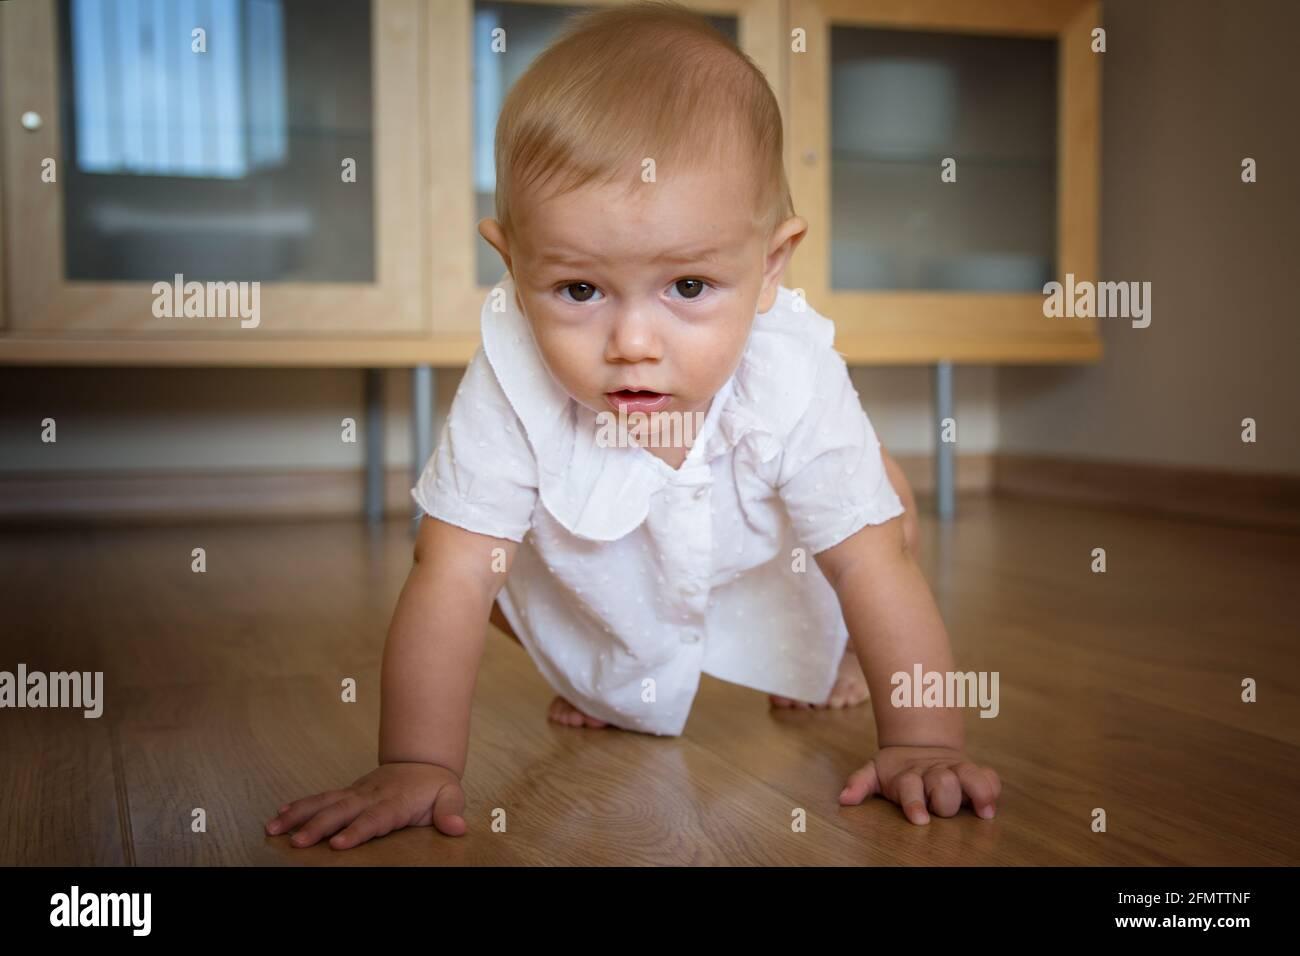 Hermoso bebé de 1-2 años arrastrándose en la sala de estar en casa. Foto de stock